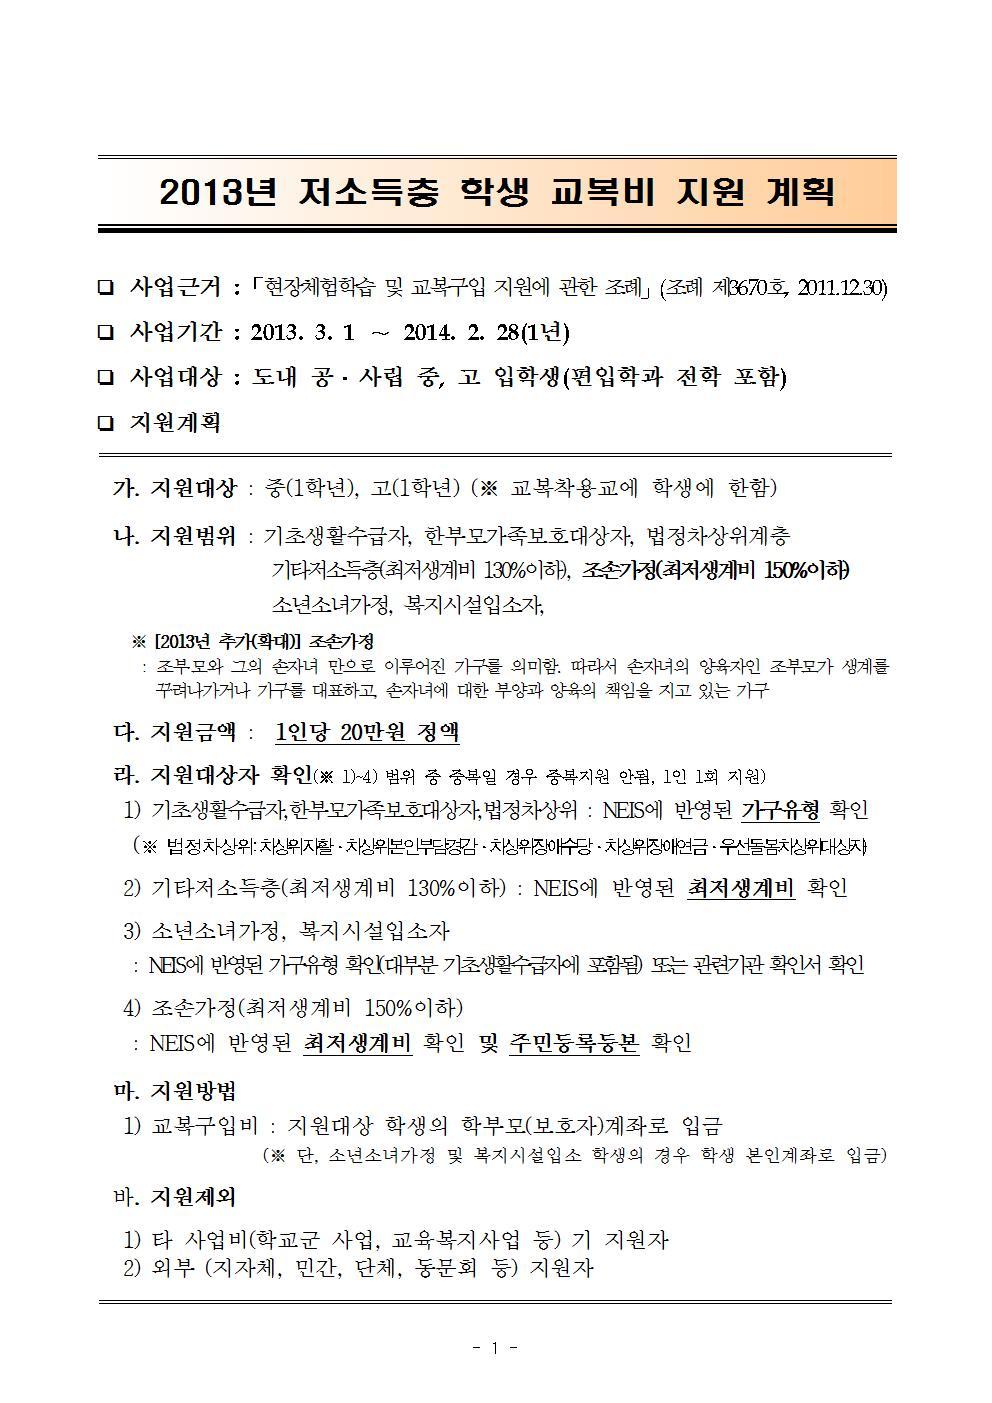 [전북도교육청] 2013년_저소득층 학생 교복비 지원계획(1).jpg